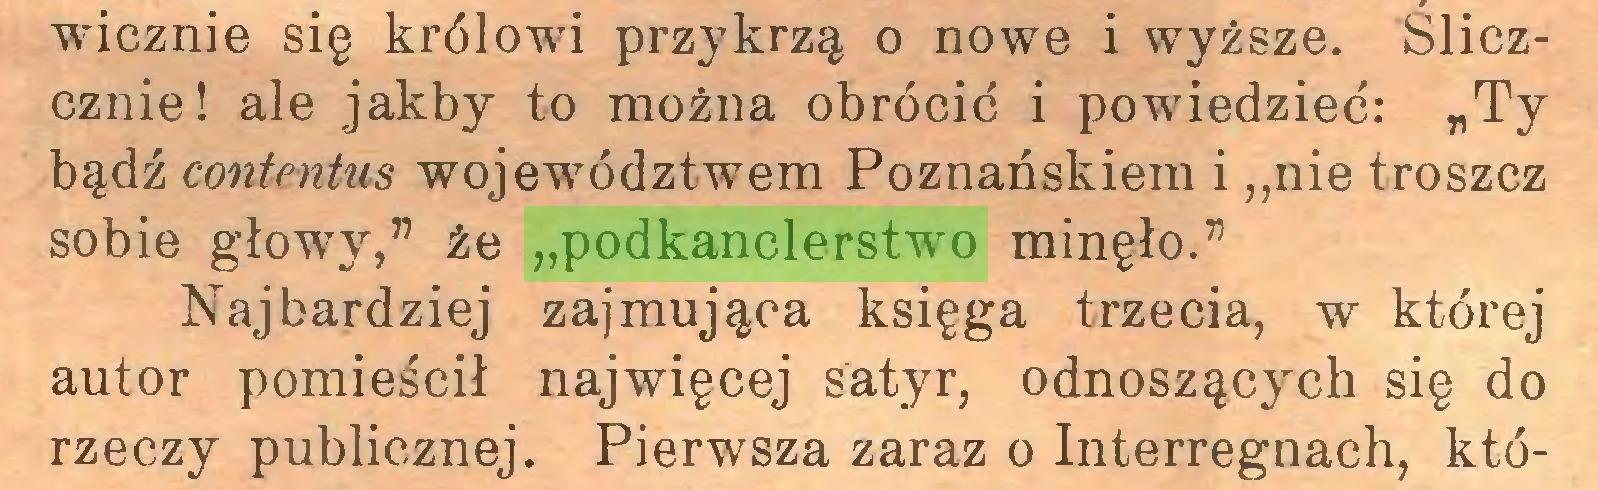 """(...) wicznie się królowi przykrzą o nowe i wyższe. Sliczcznie! ale jakby to można obrócić i powiedzieć: """"Ty bądź contentus województwem Poznanskiem i ,,nie troszcz sobie głowy,"""" że """"podkanclerstwo minęło."""" Najbardziej zajmująca księga trzecia, w której autor pomieścił najwięcej satyr, odnoszących się do rzeczy publicznej. Pierwsza zaraz o Interregnach, któ..."""